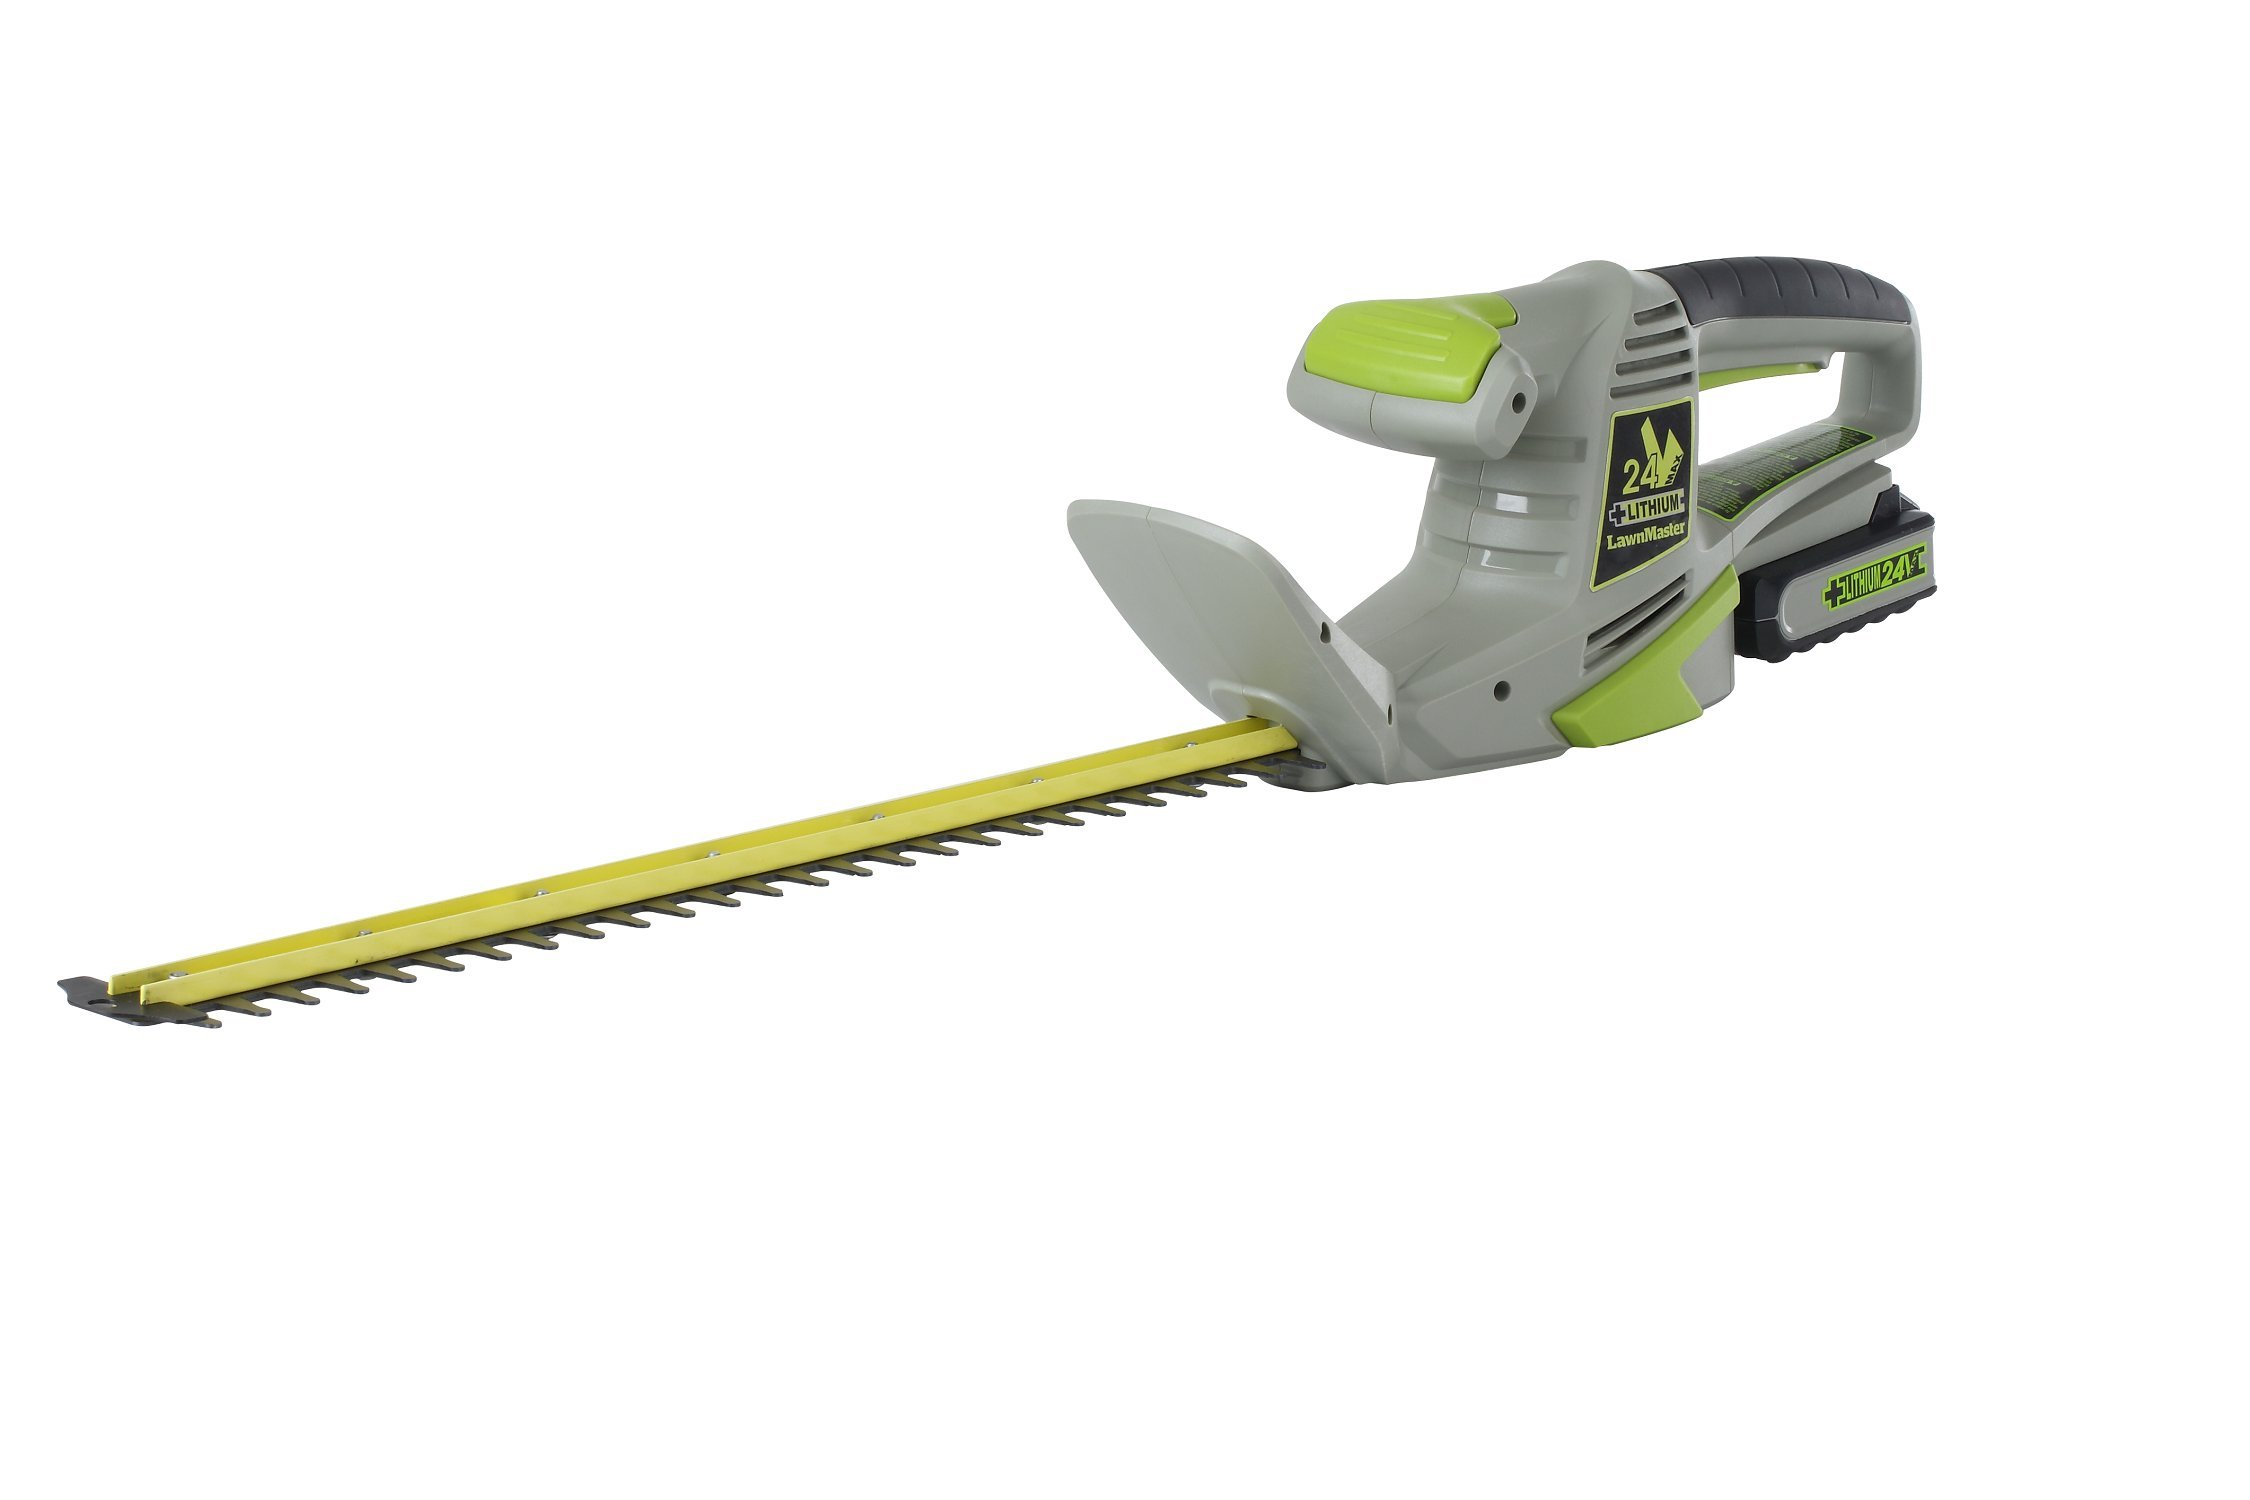 LawnMaster CLHT2422 24-volt Li-On Cordless Hedge Trimmer, 22-Inch